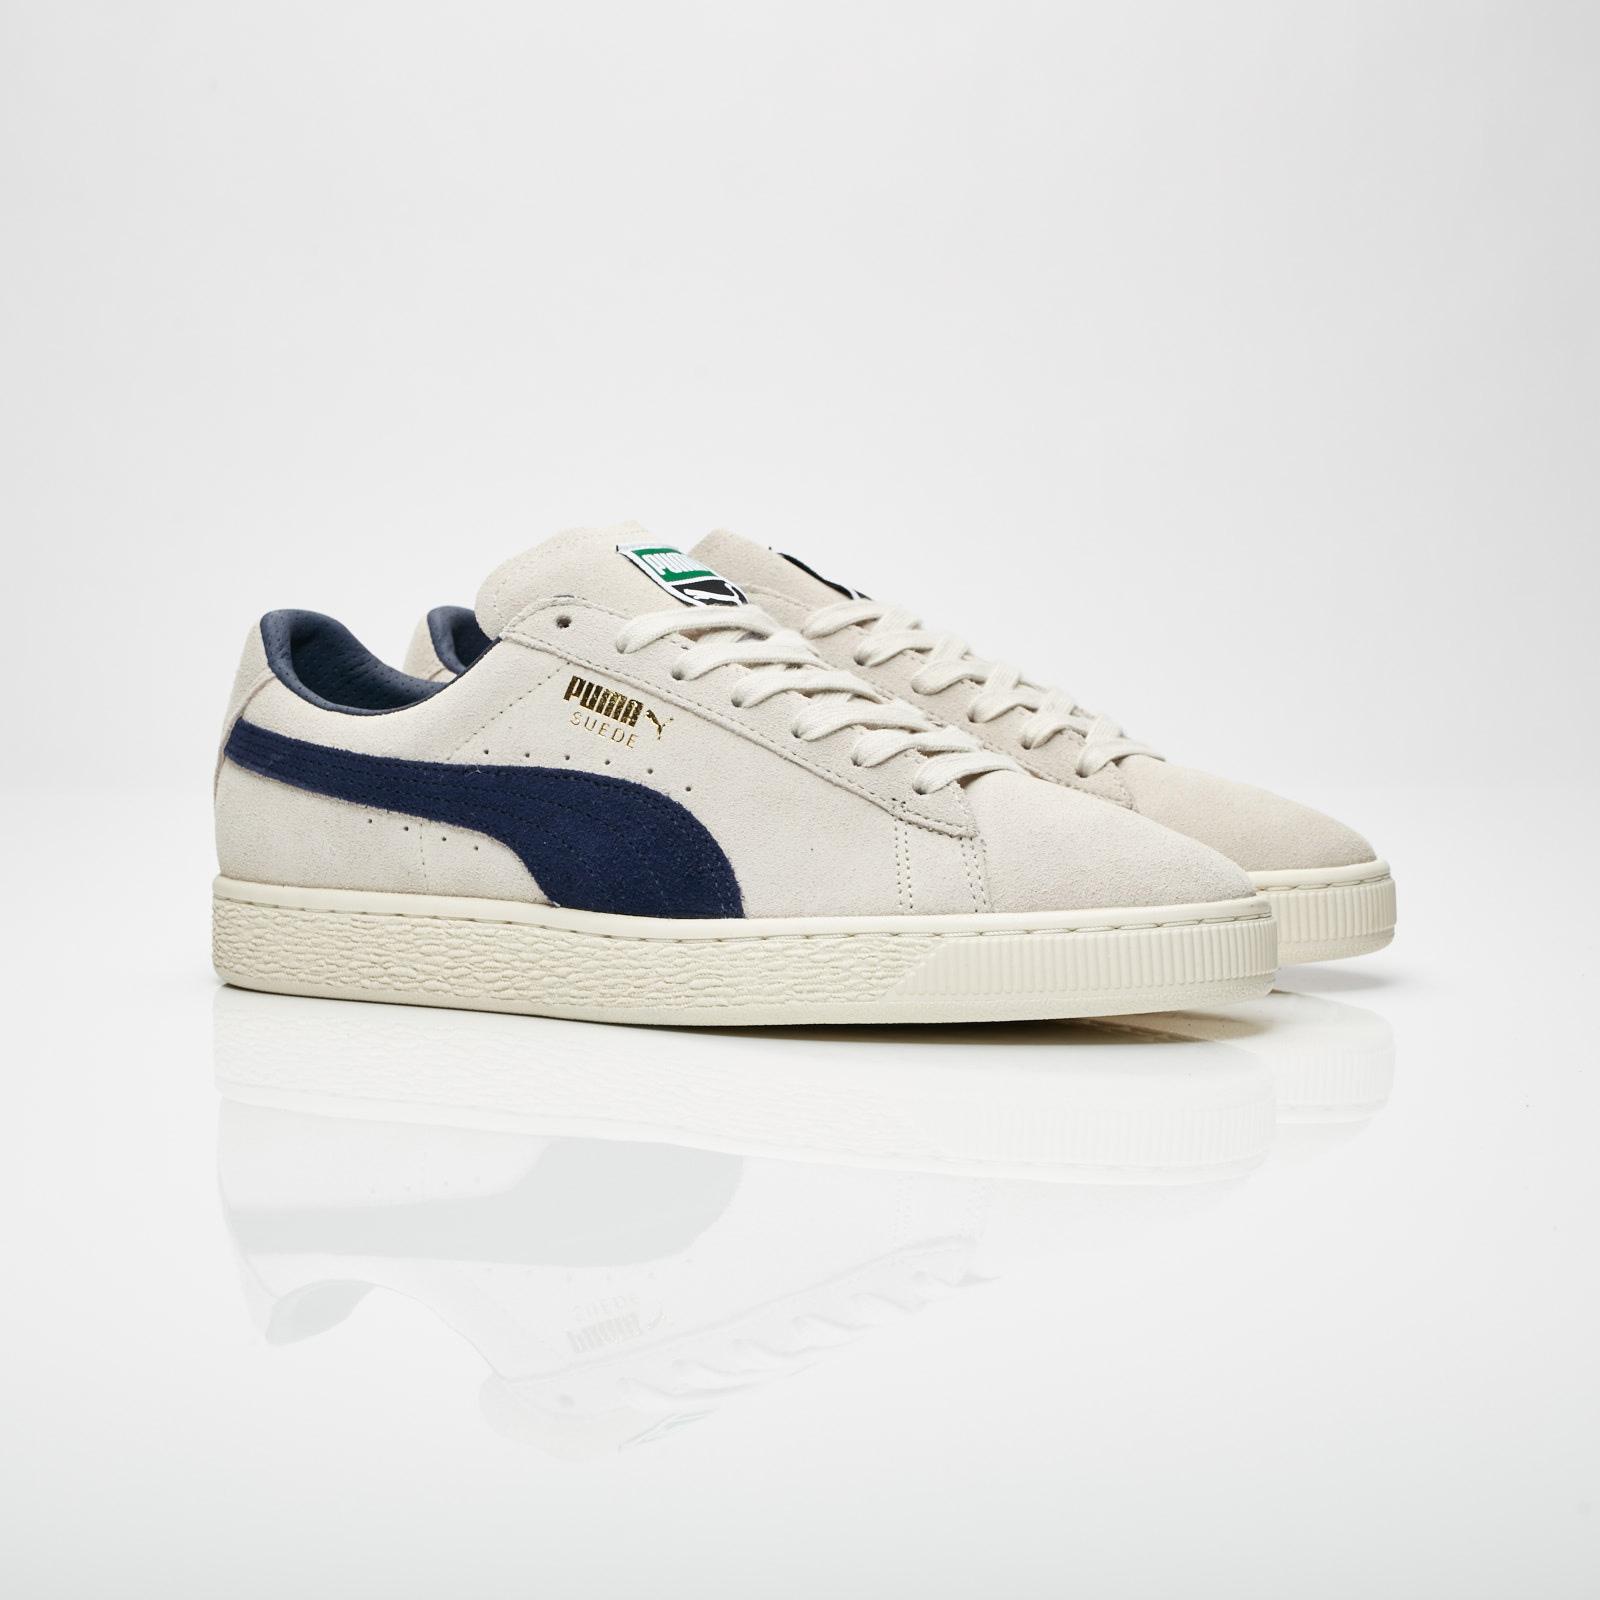 Puma Suede Classic Archive - 365587-02 - Sneakersnstuff  b970585b4a73